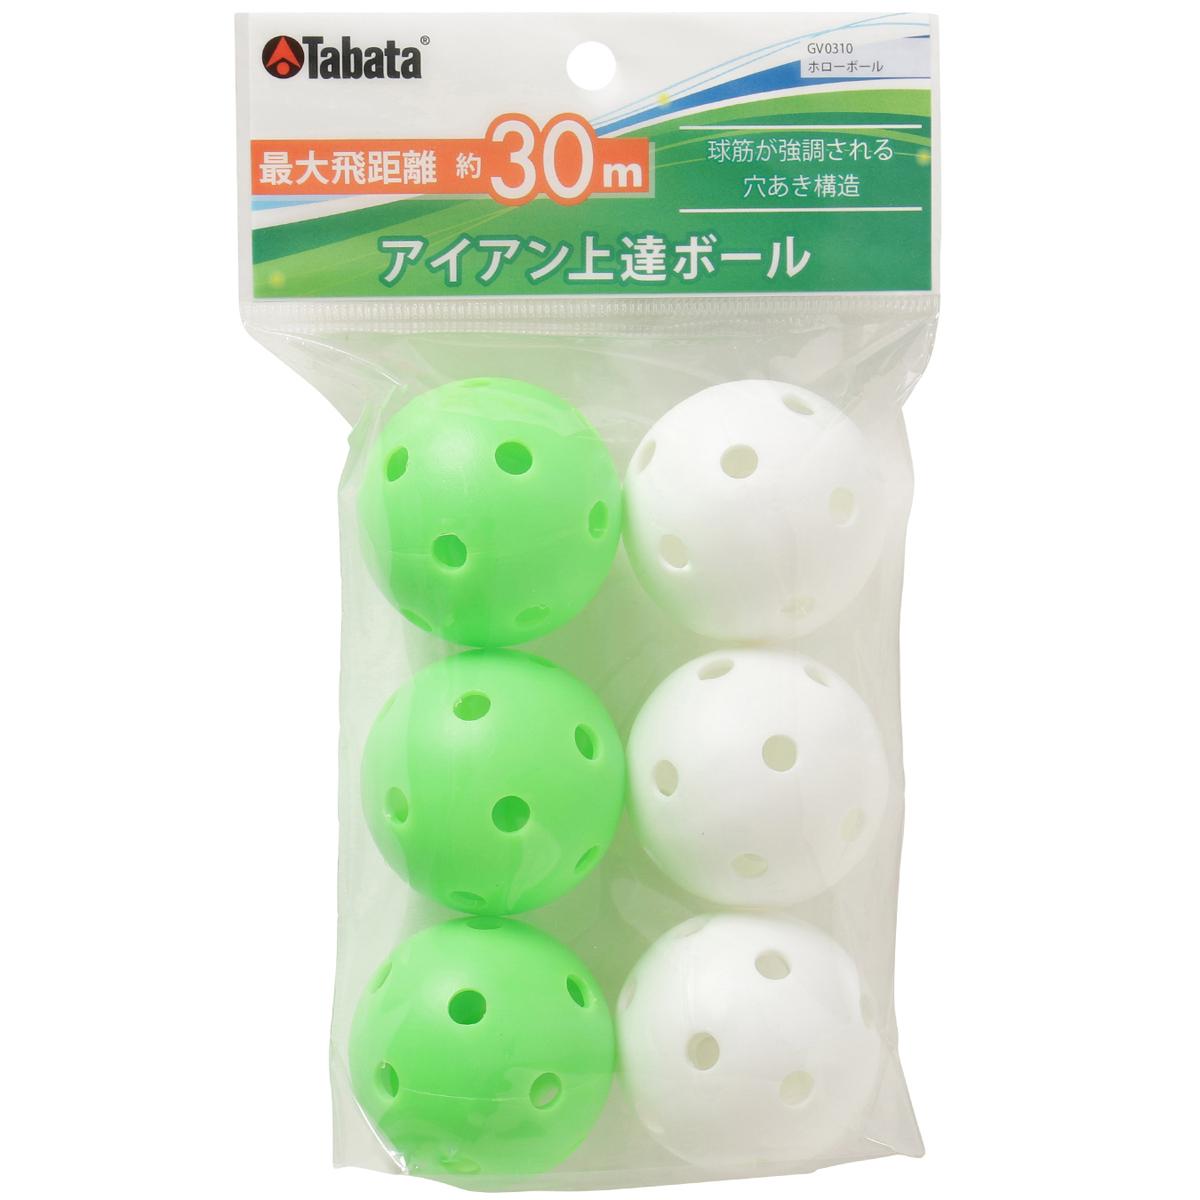 アイアン上達トレーニングボール ホローボール GV-0310